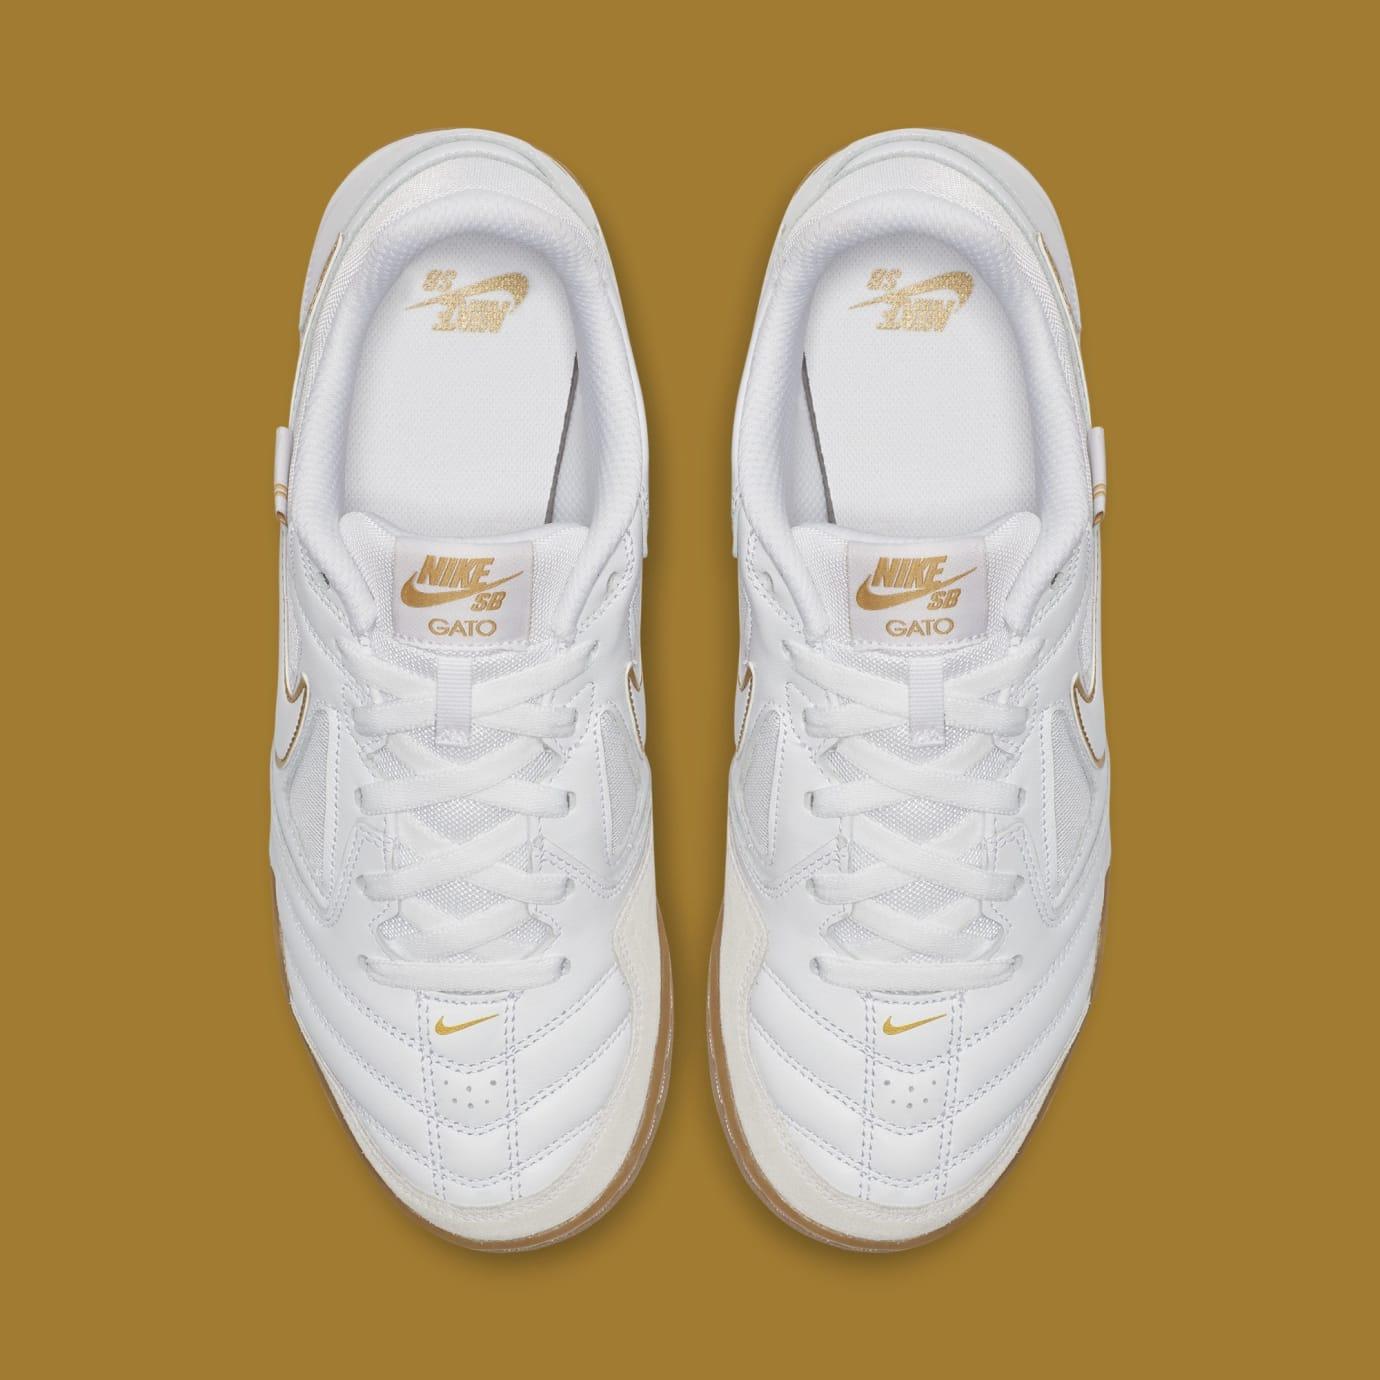 Nike SB Gato AT4607-100 (Top)